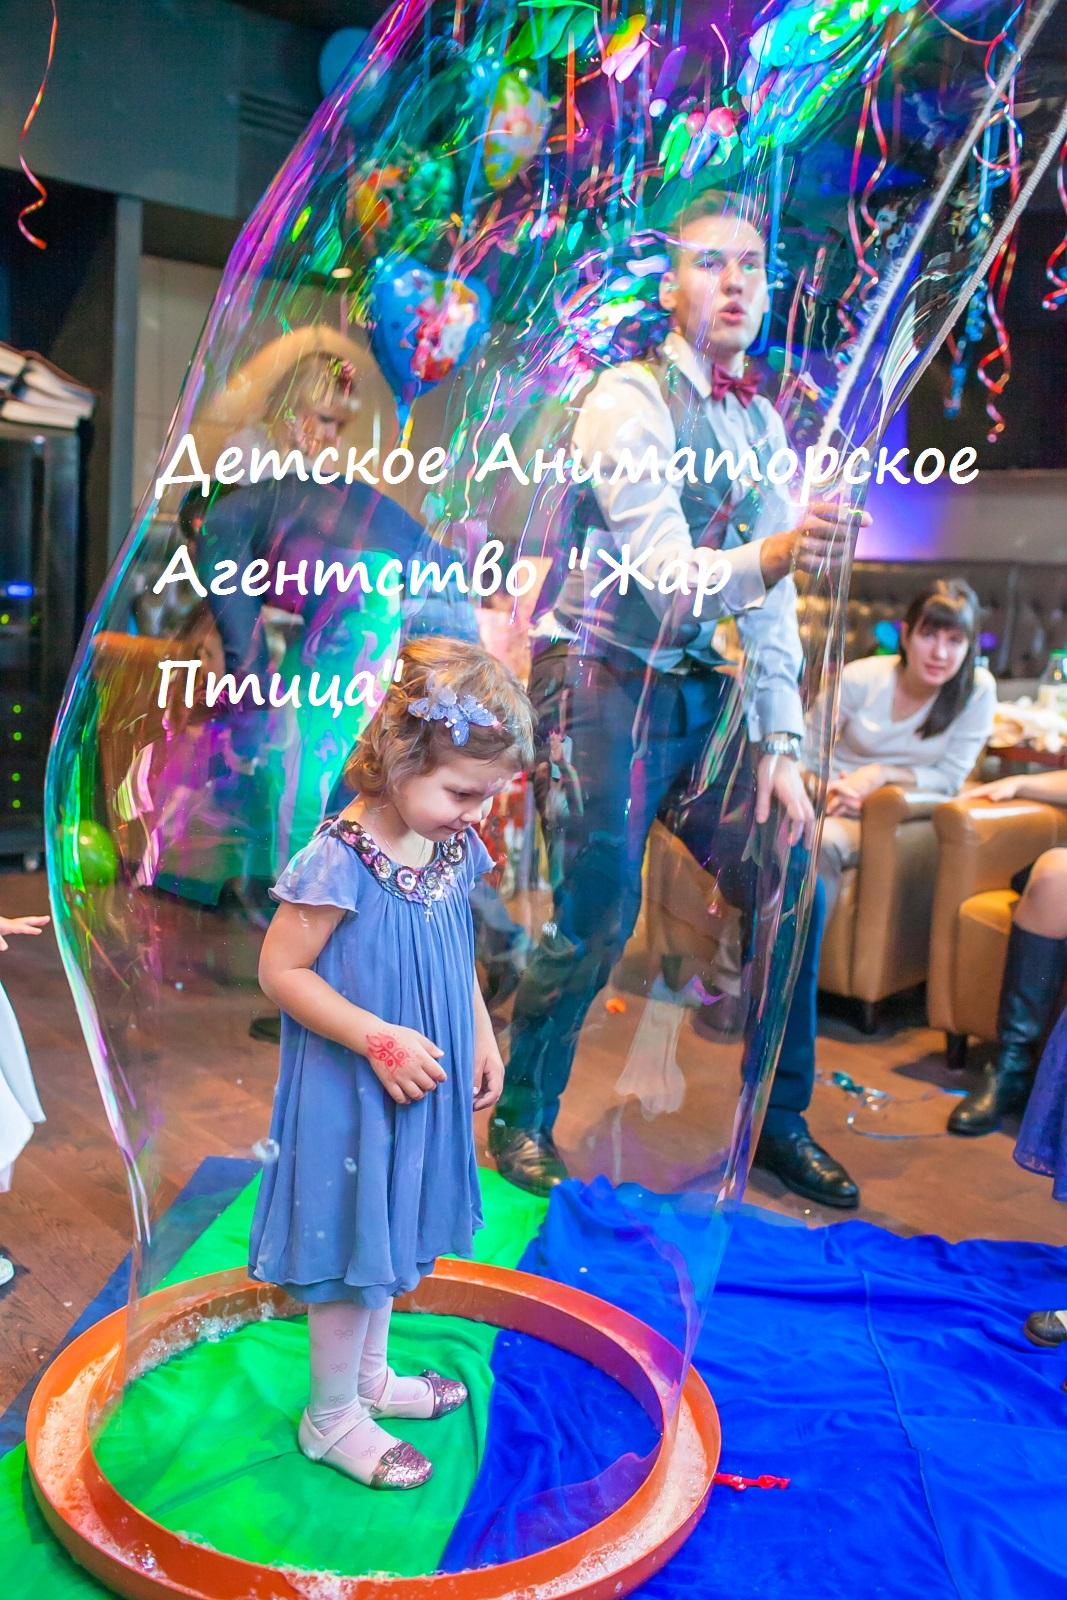 Аниматоры Абрамцевская улица Аниматоры Ясеневская улица (деревня Ожигово)